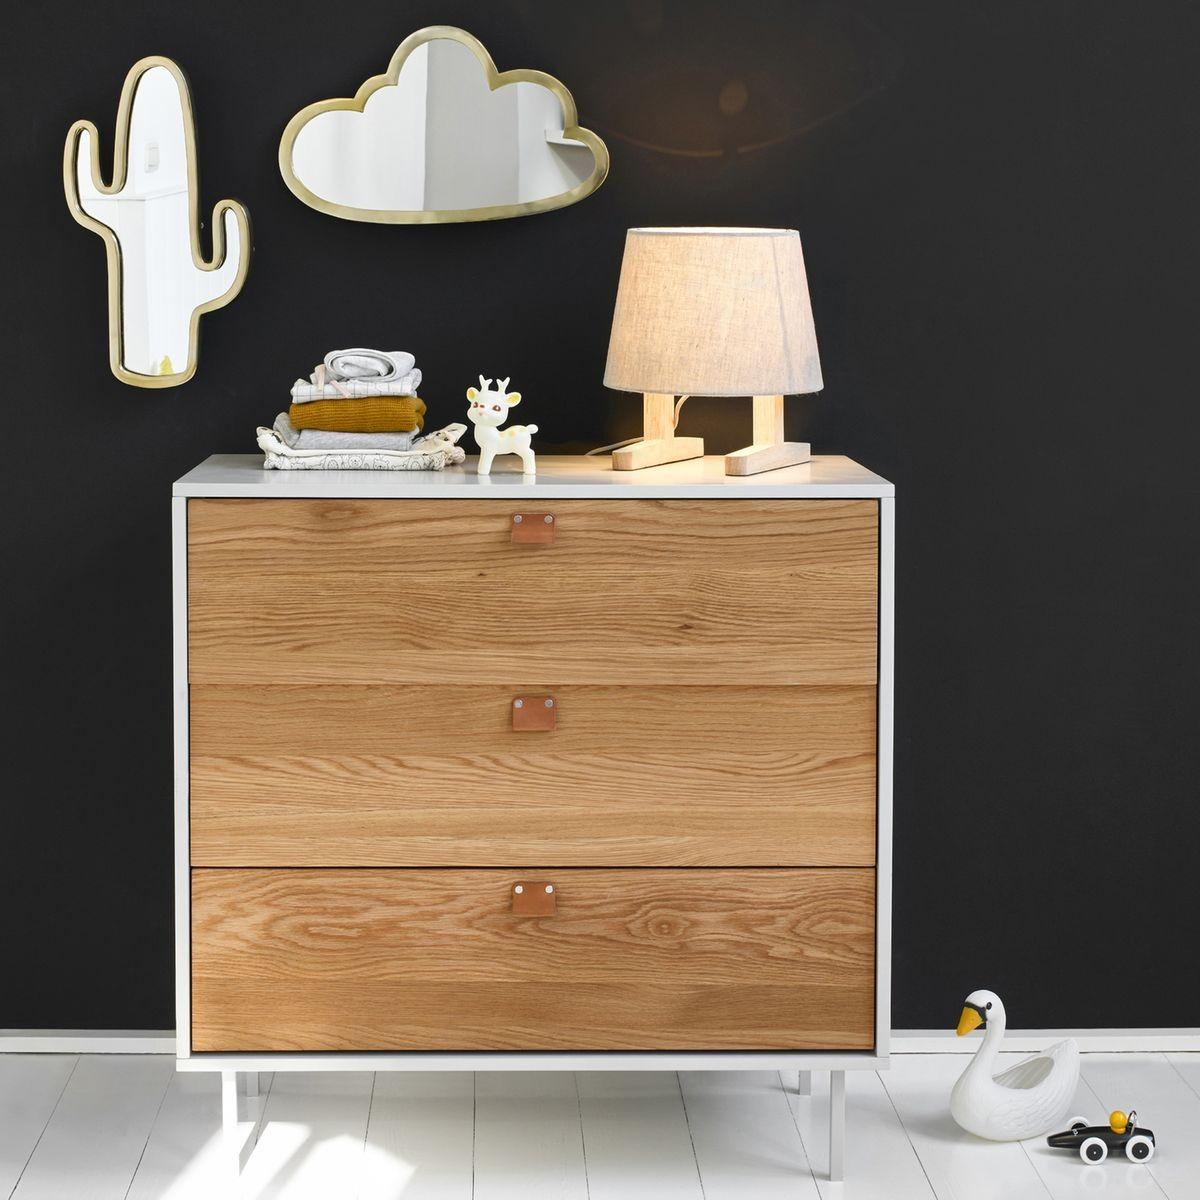 3 miroirs originaux pour une chambre d 39 enfant cactus. Black Bedroom Furniture Sets. Home Design Ideas